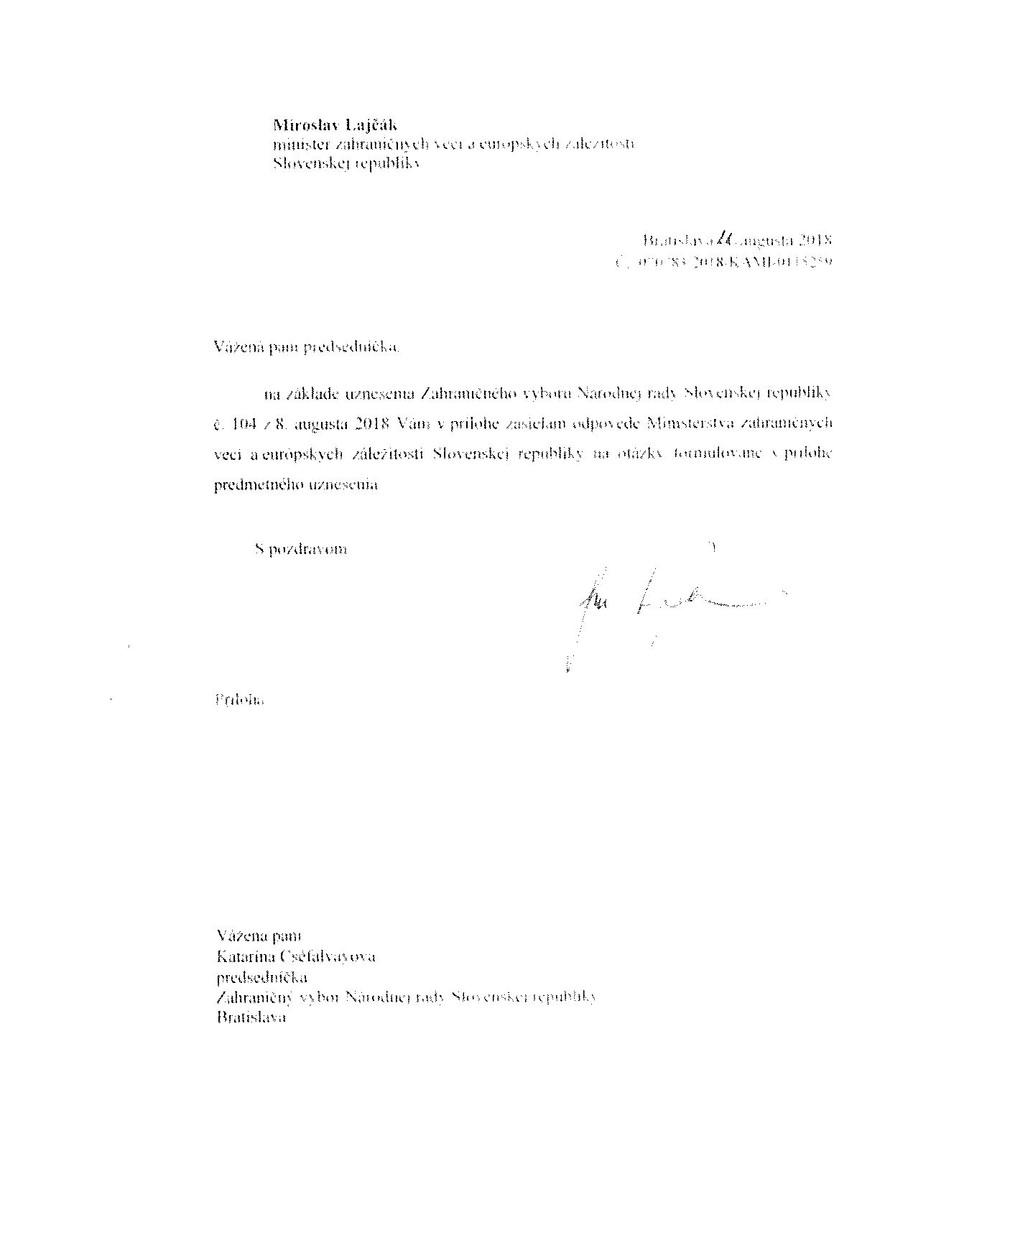 Stanovisko ministerstva zahraničia ku kauze Únosu vietnamského občana a otázkam Zahraničného výboru Národnej rady Slovenskej republiky